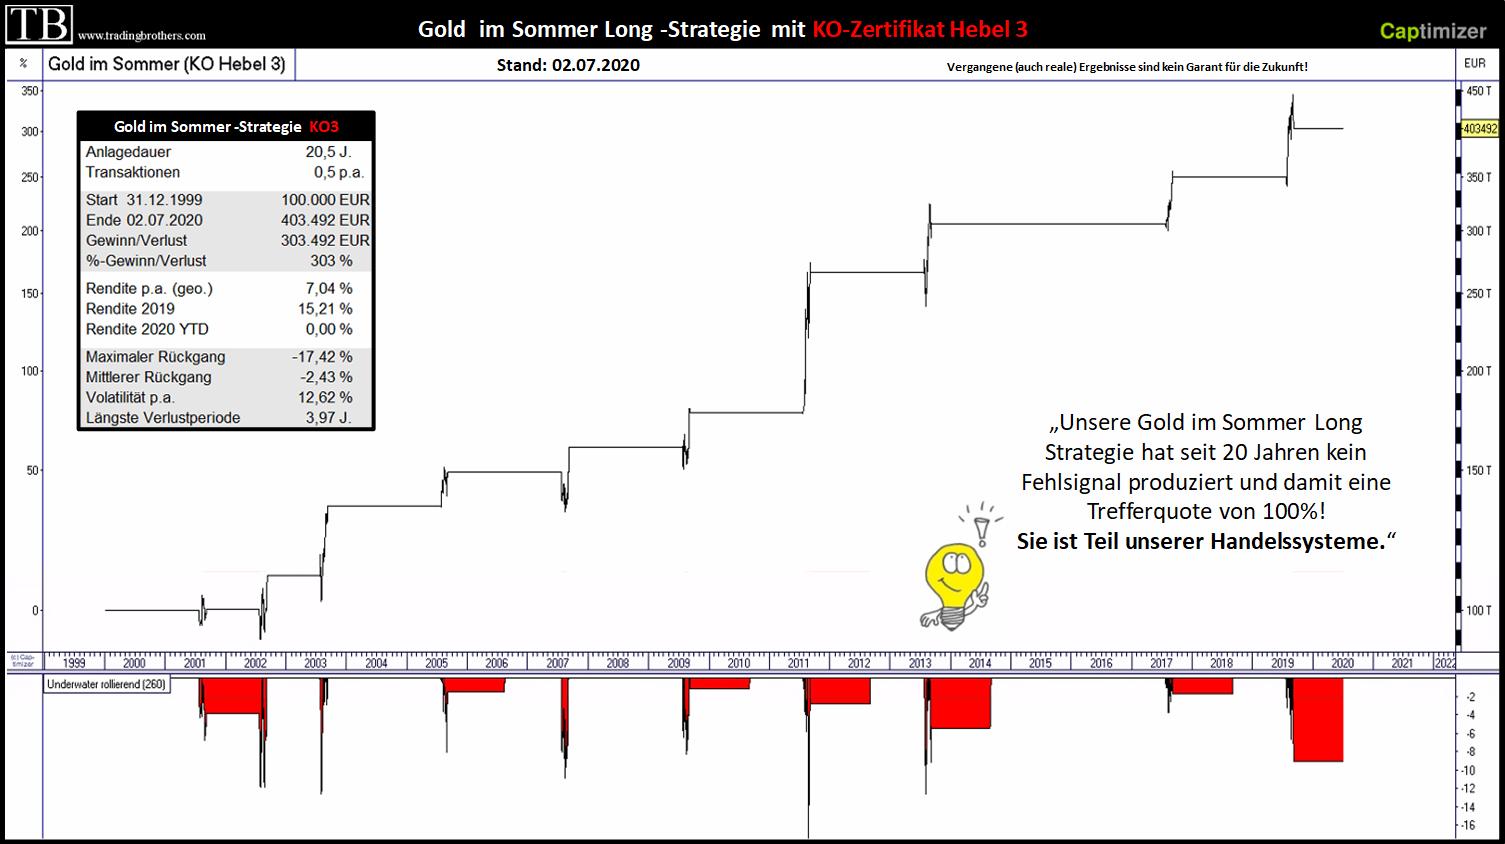 Gold im Sommer long Strategie